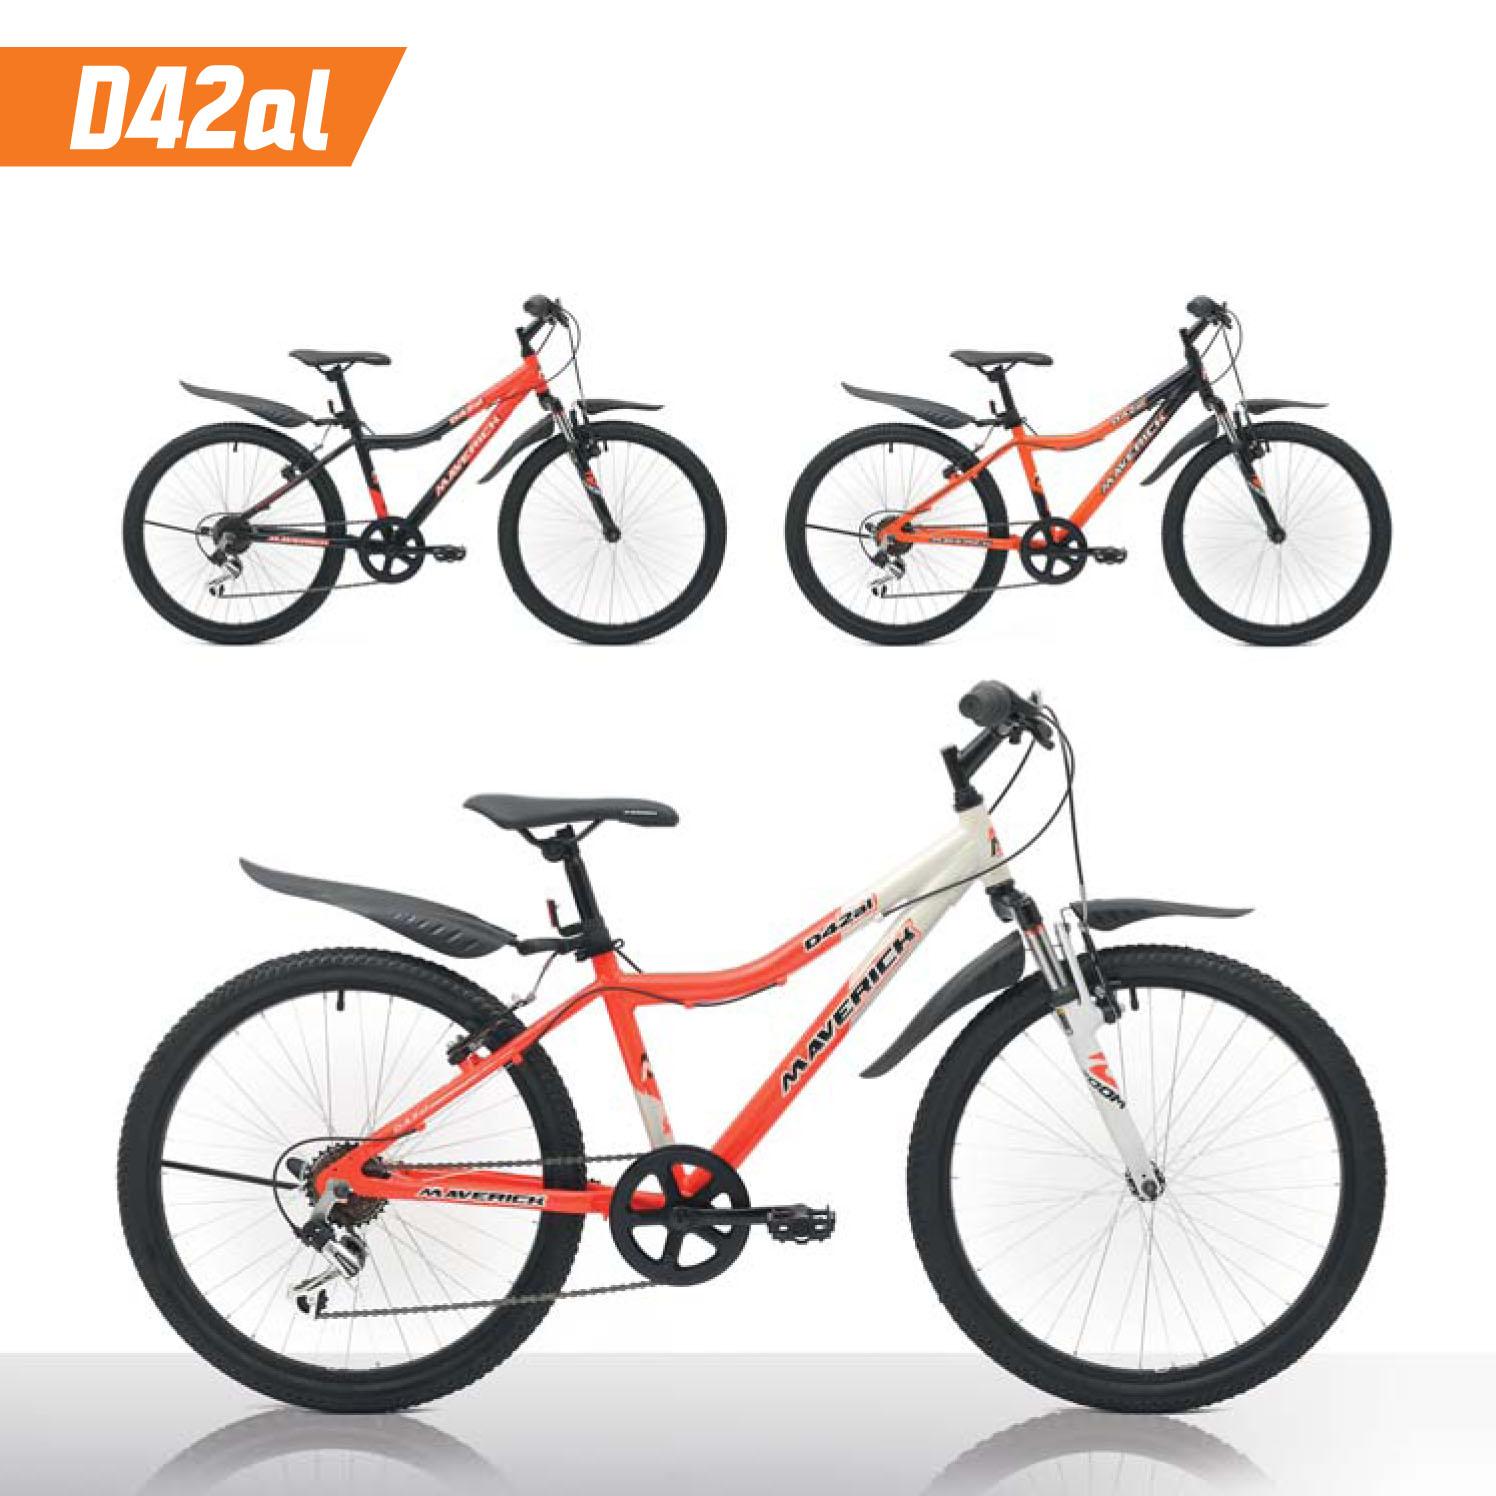 """Велосипед Maverick 24"""" D42AL,горный,v-brake,рама 14 Alloy, 6-ск,матово-черно+красный"""